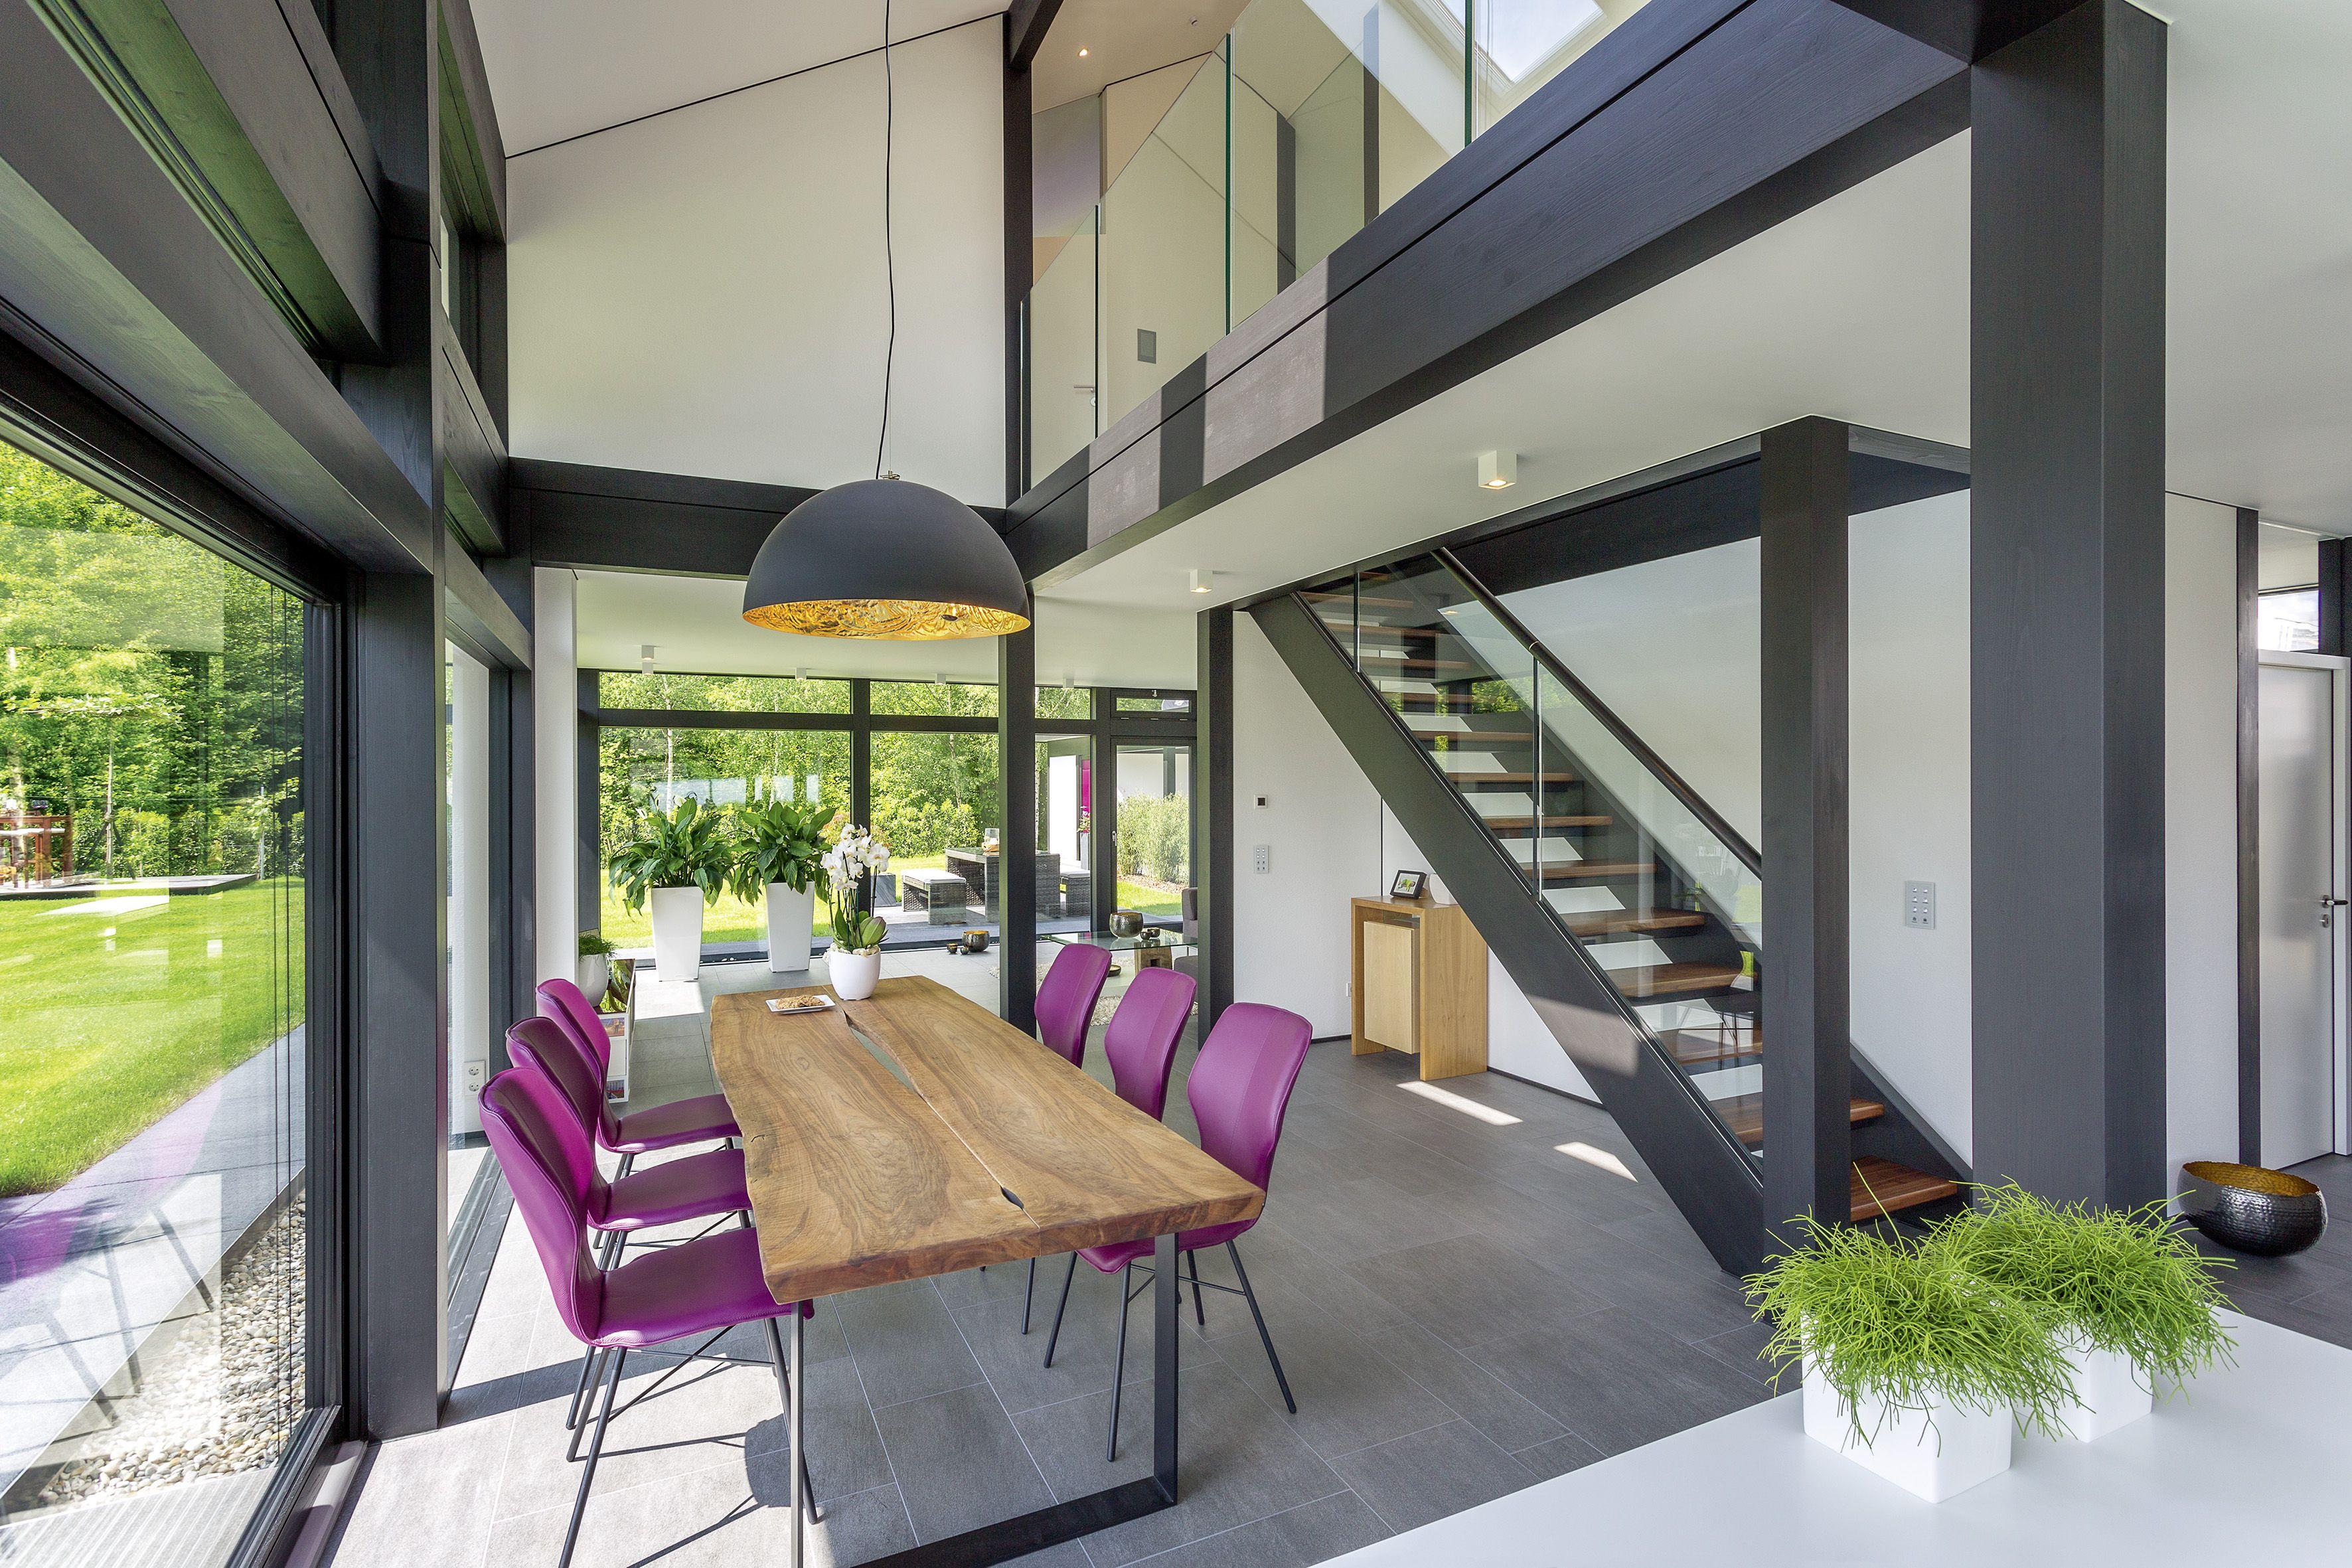 Das HUF Haus MODUM in eleganter ebenholzfarbener Konstruktion lässt ...